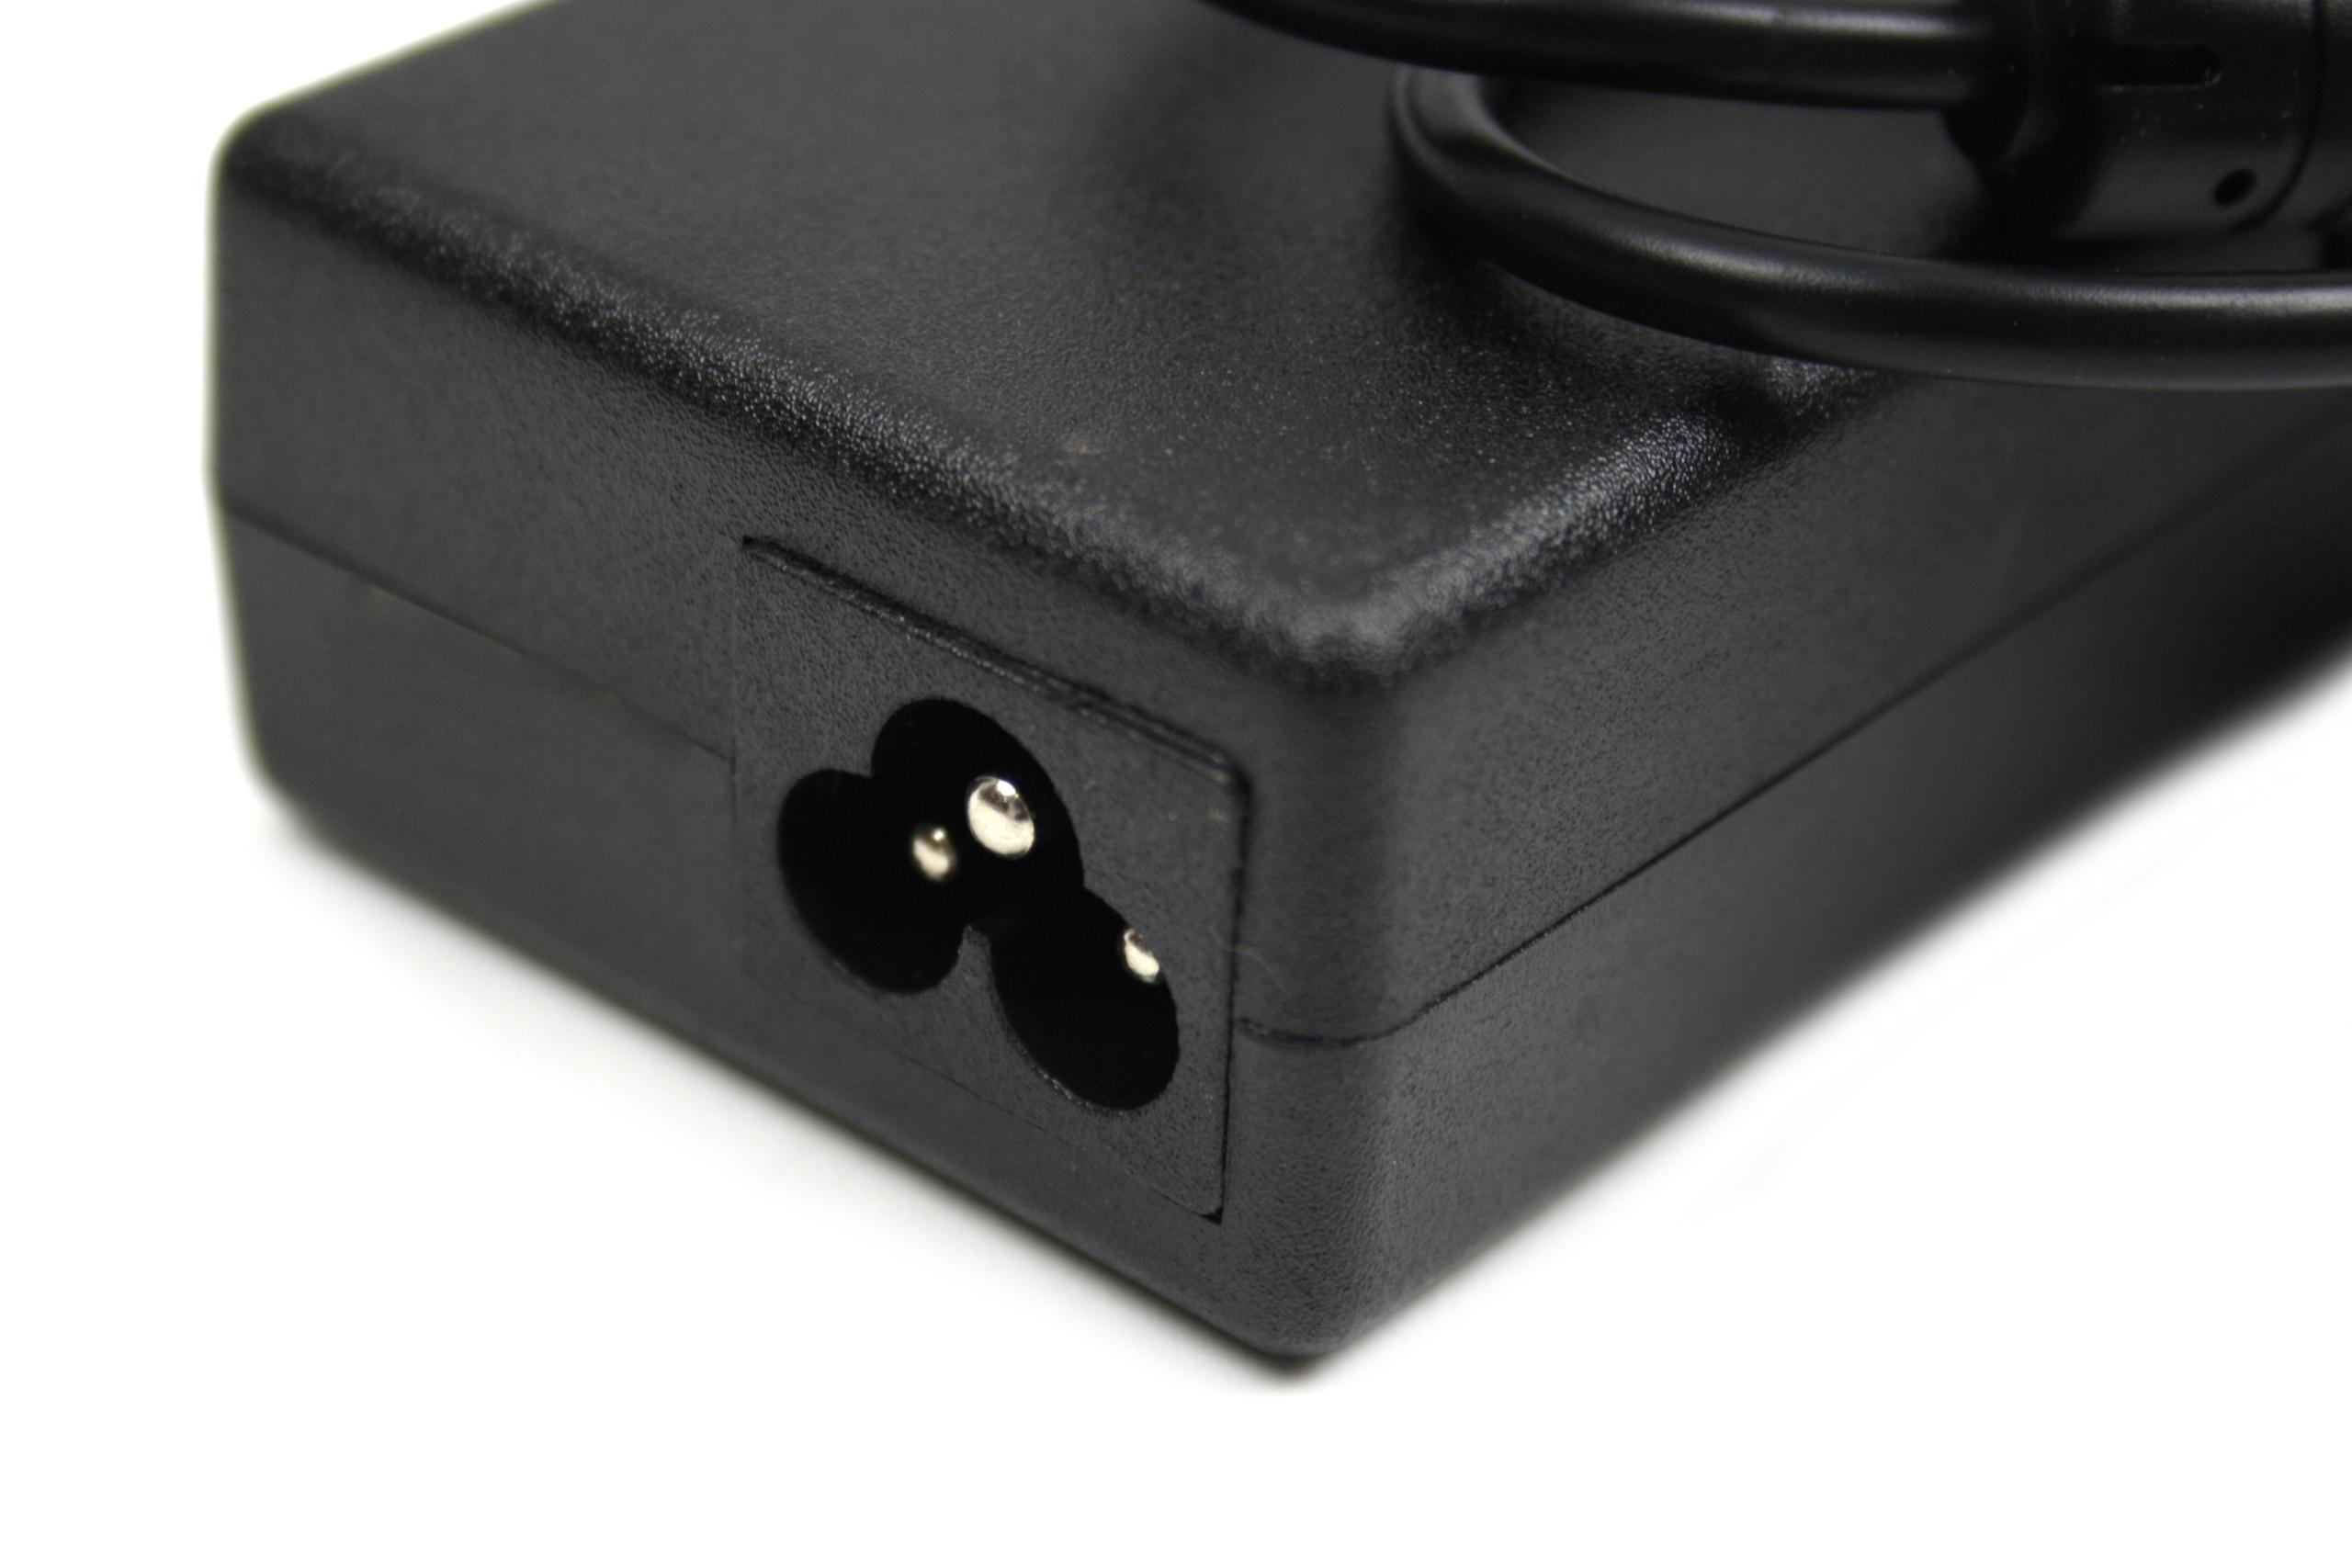 ZASILACZ ŁADOWARKA 19,5V 4,7A 6,5*4.4*1.0mm SONY - Zasilacze do laptopów